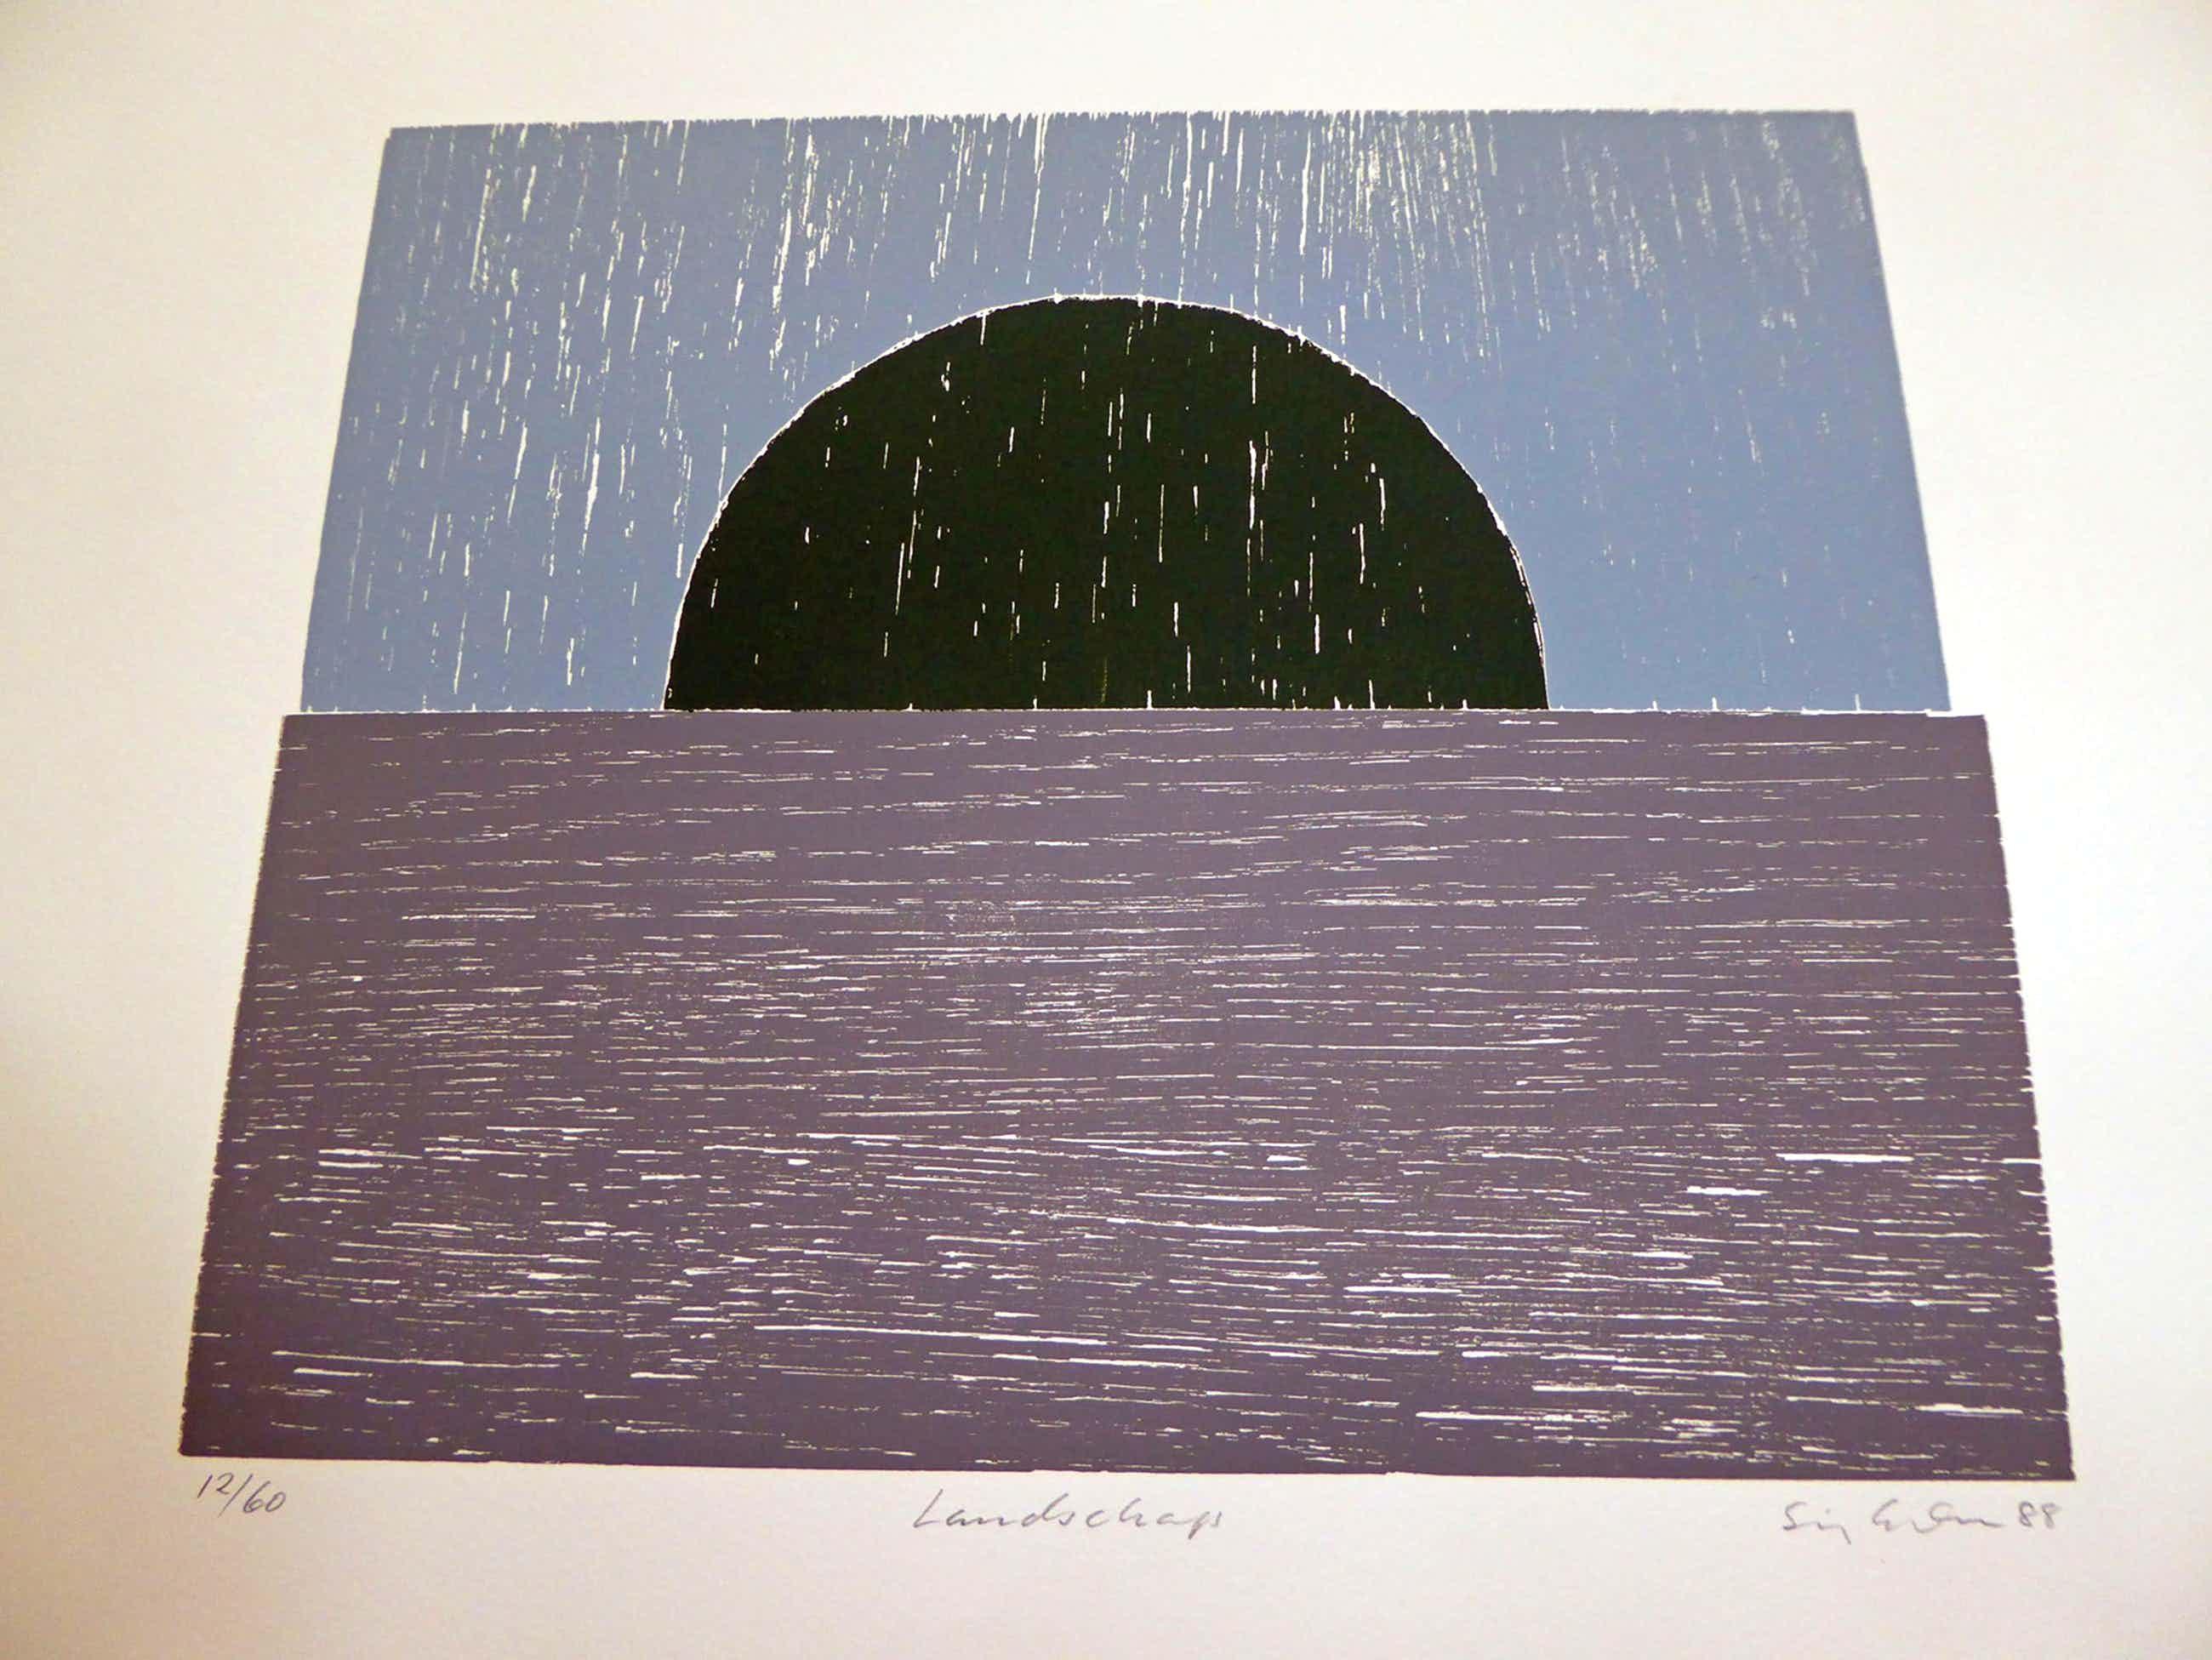 """Sigurdur Gudmundsson - (1942) Drie kleuren houtsnede """"Landschap"""" kopen? Bied vanaf 60!"""